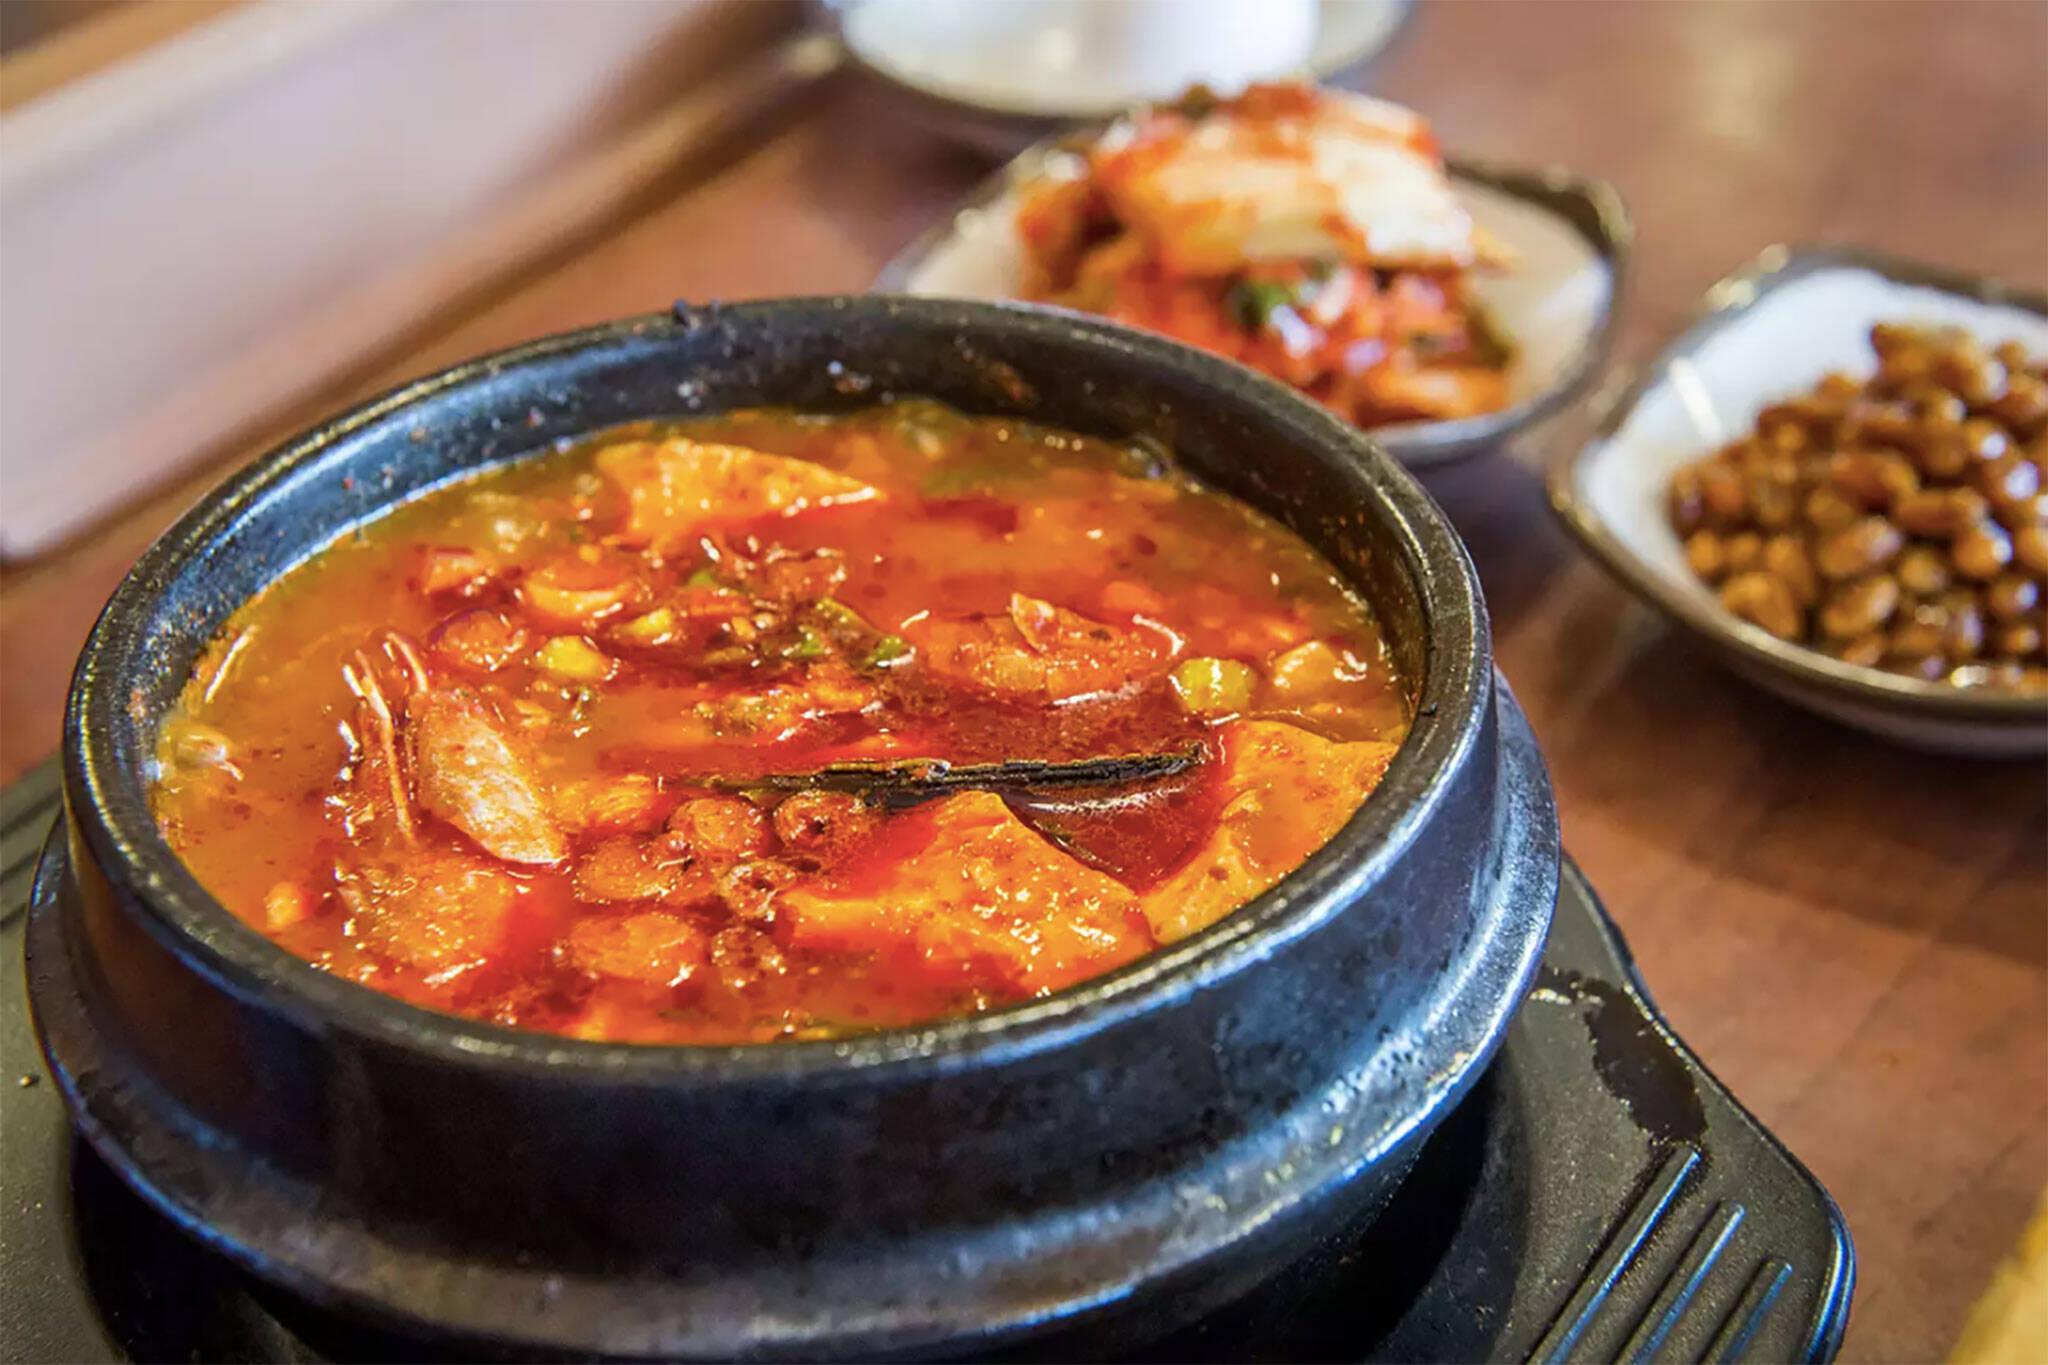 The Top 10 Restaurants In Koreatown